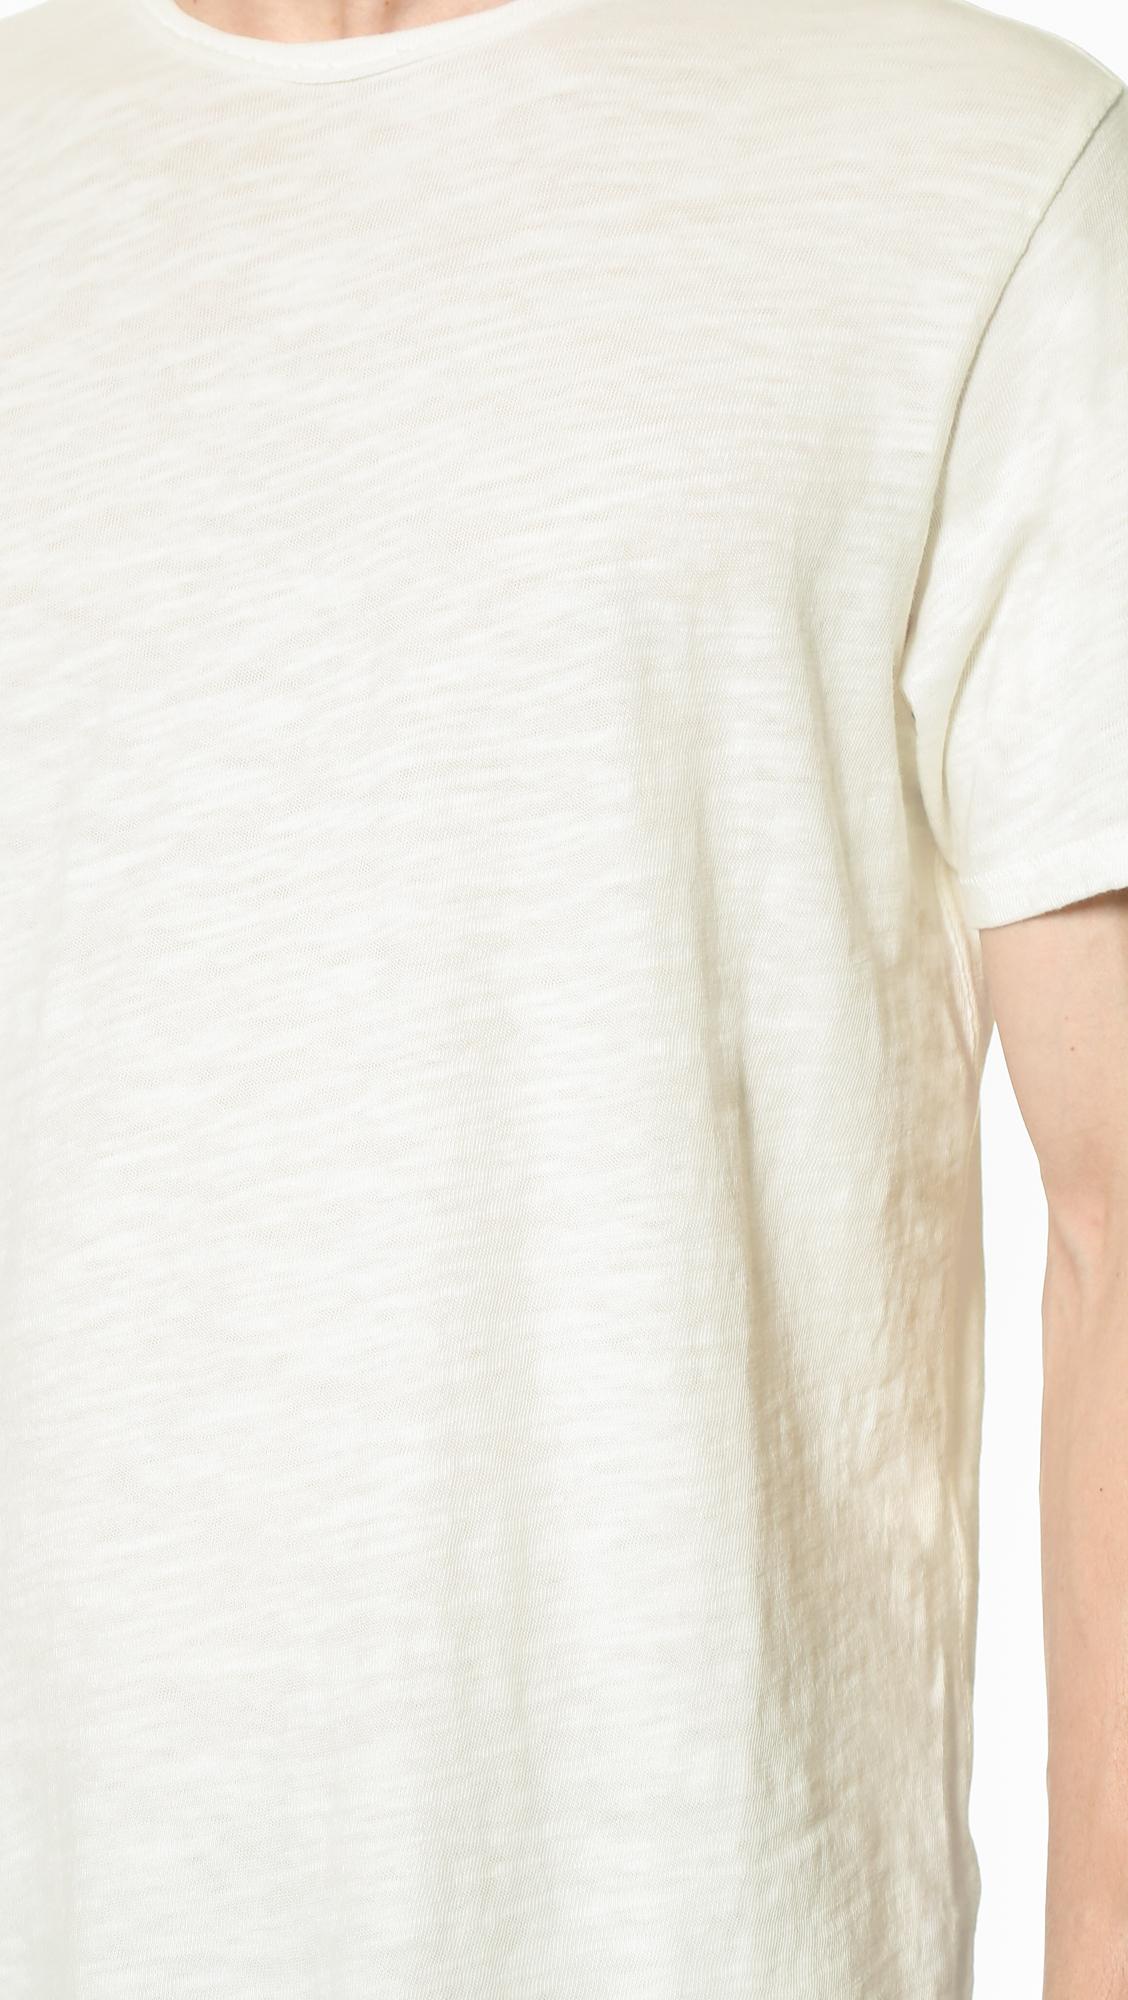 Rag bone basic t shirt in white for men lyst for Rag and bone white t shirt